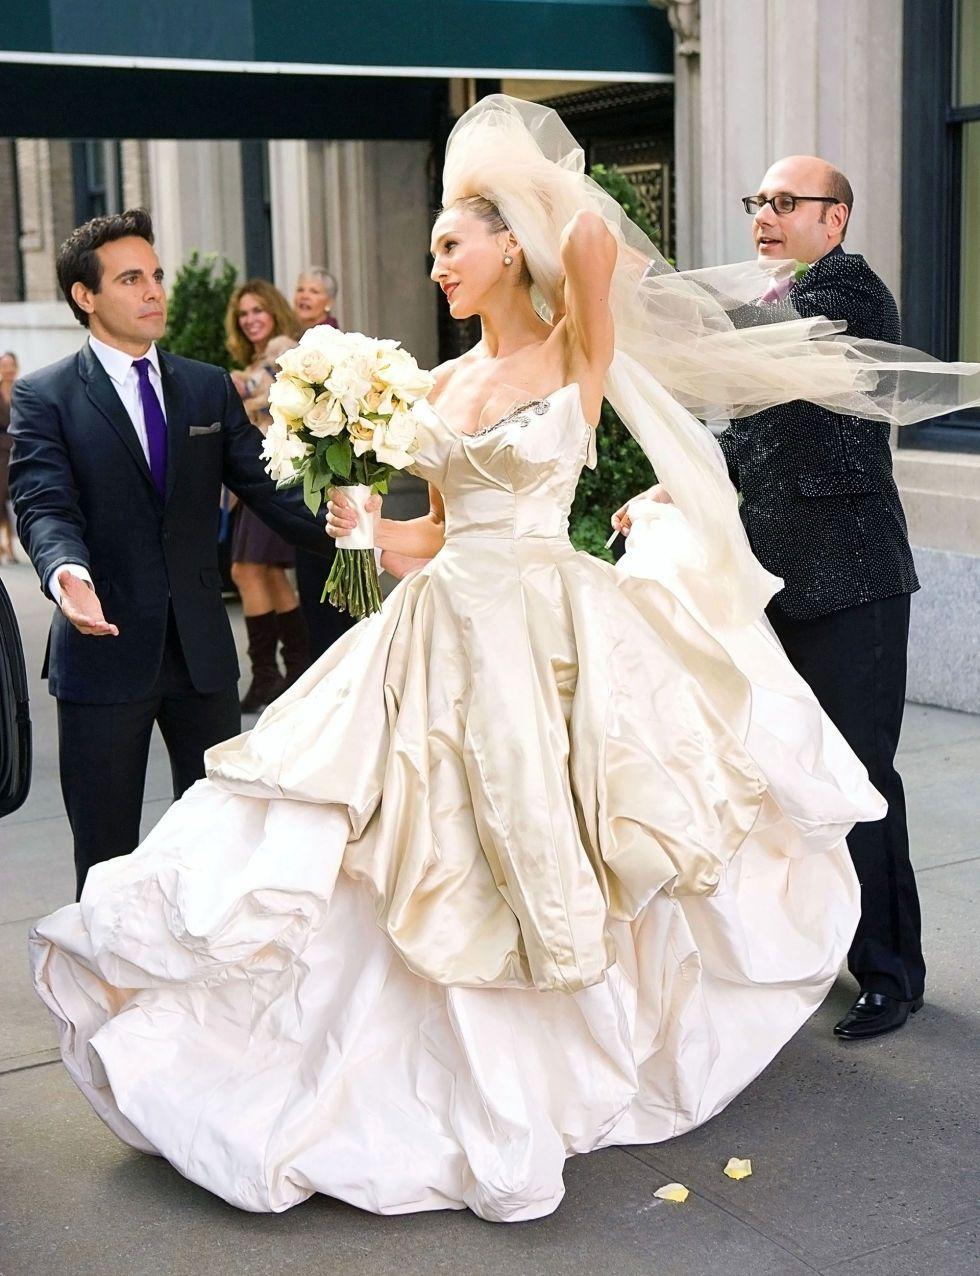 Vestido de noiva Carrie Bradshaw